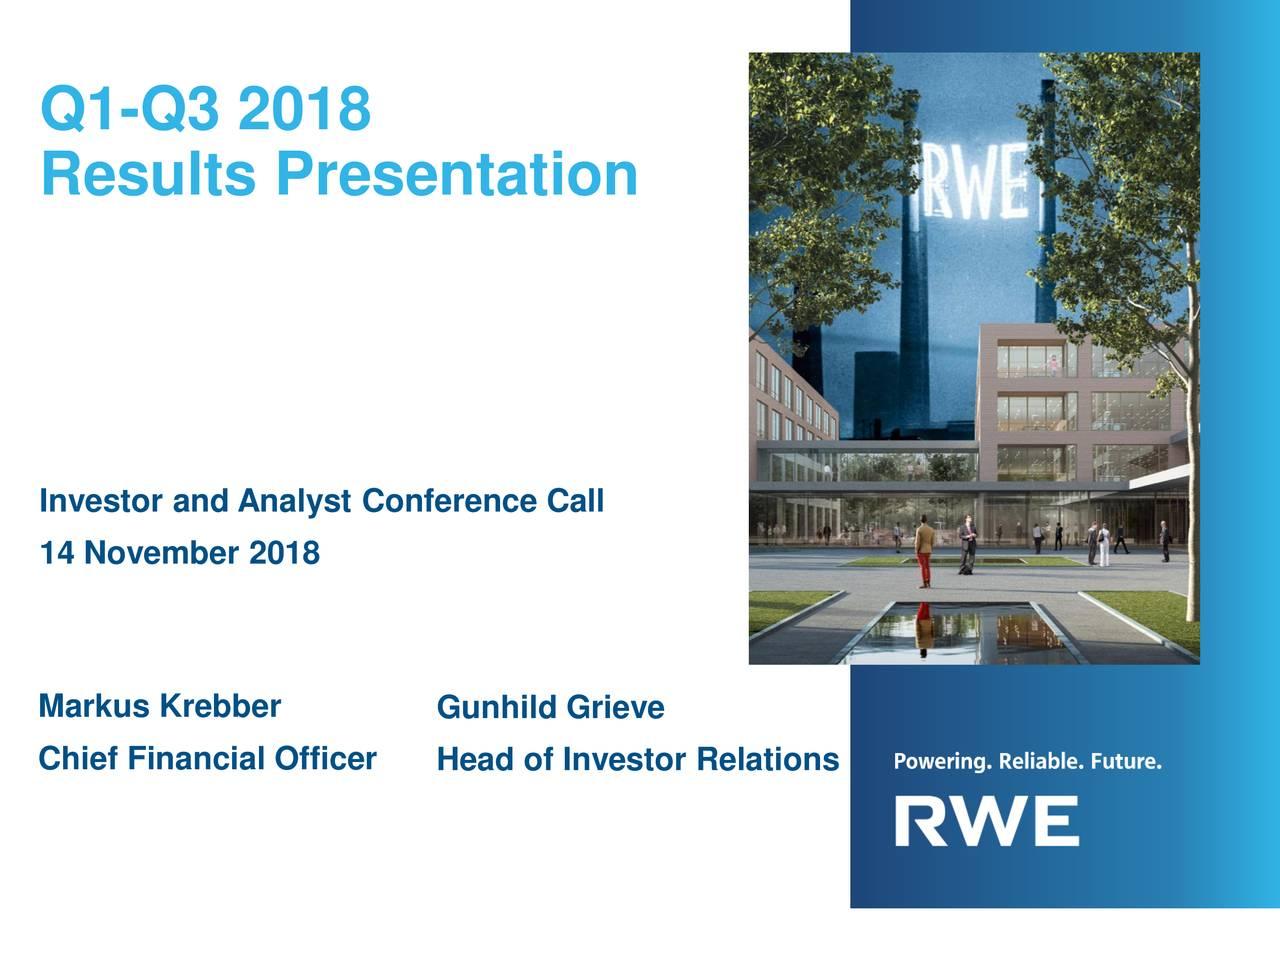 rwe investor relations